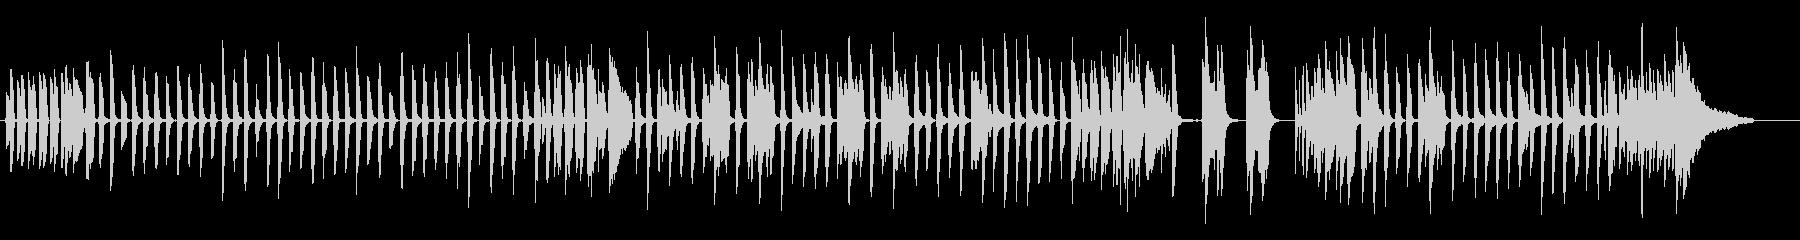 ロックン・ロールの序章の未再生の波形